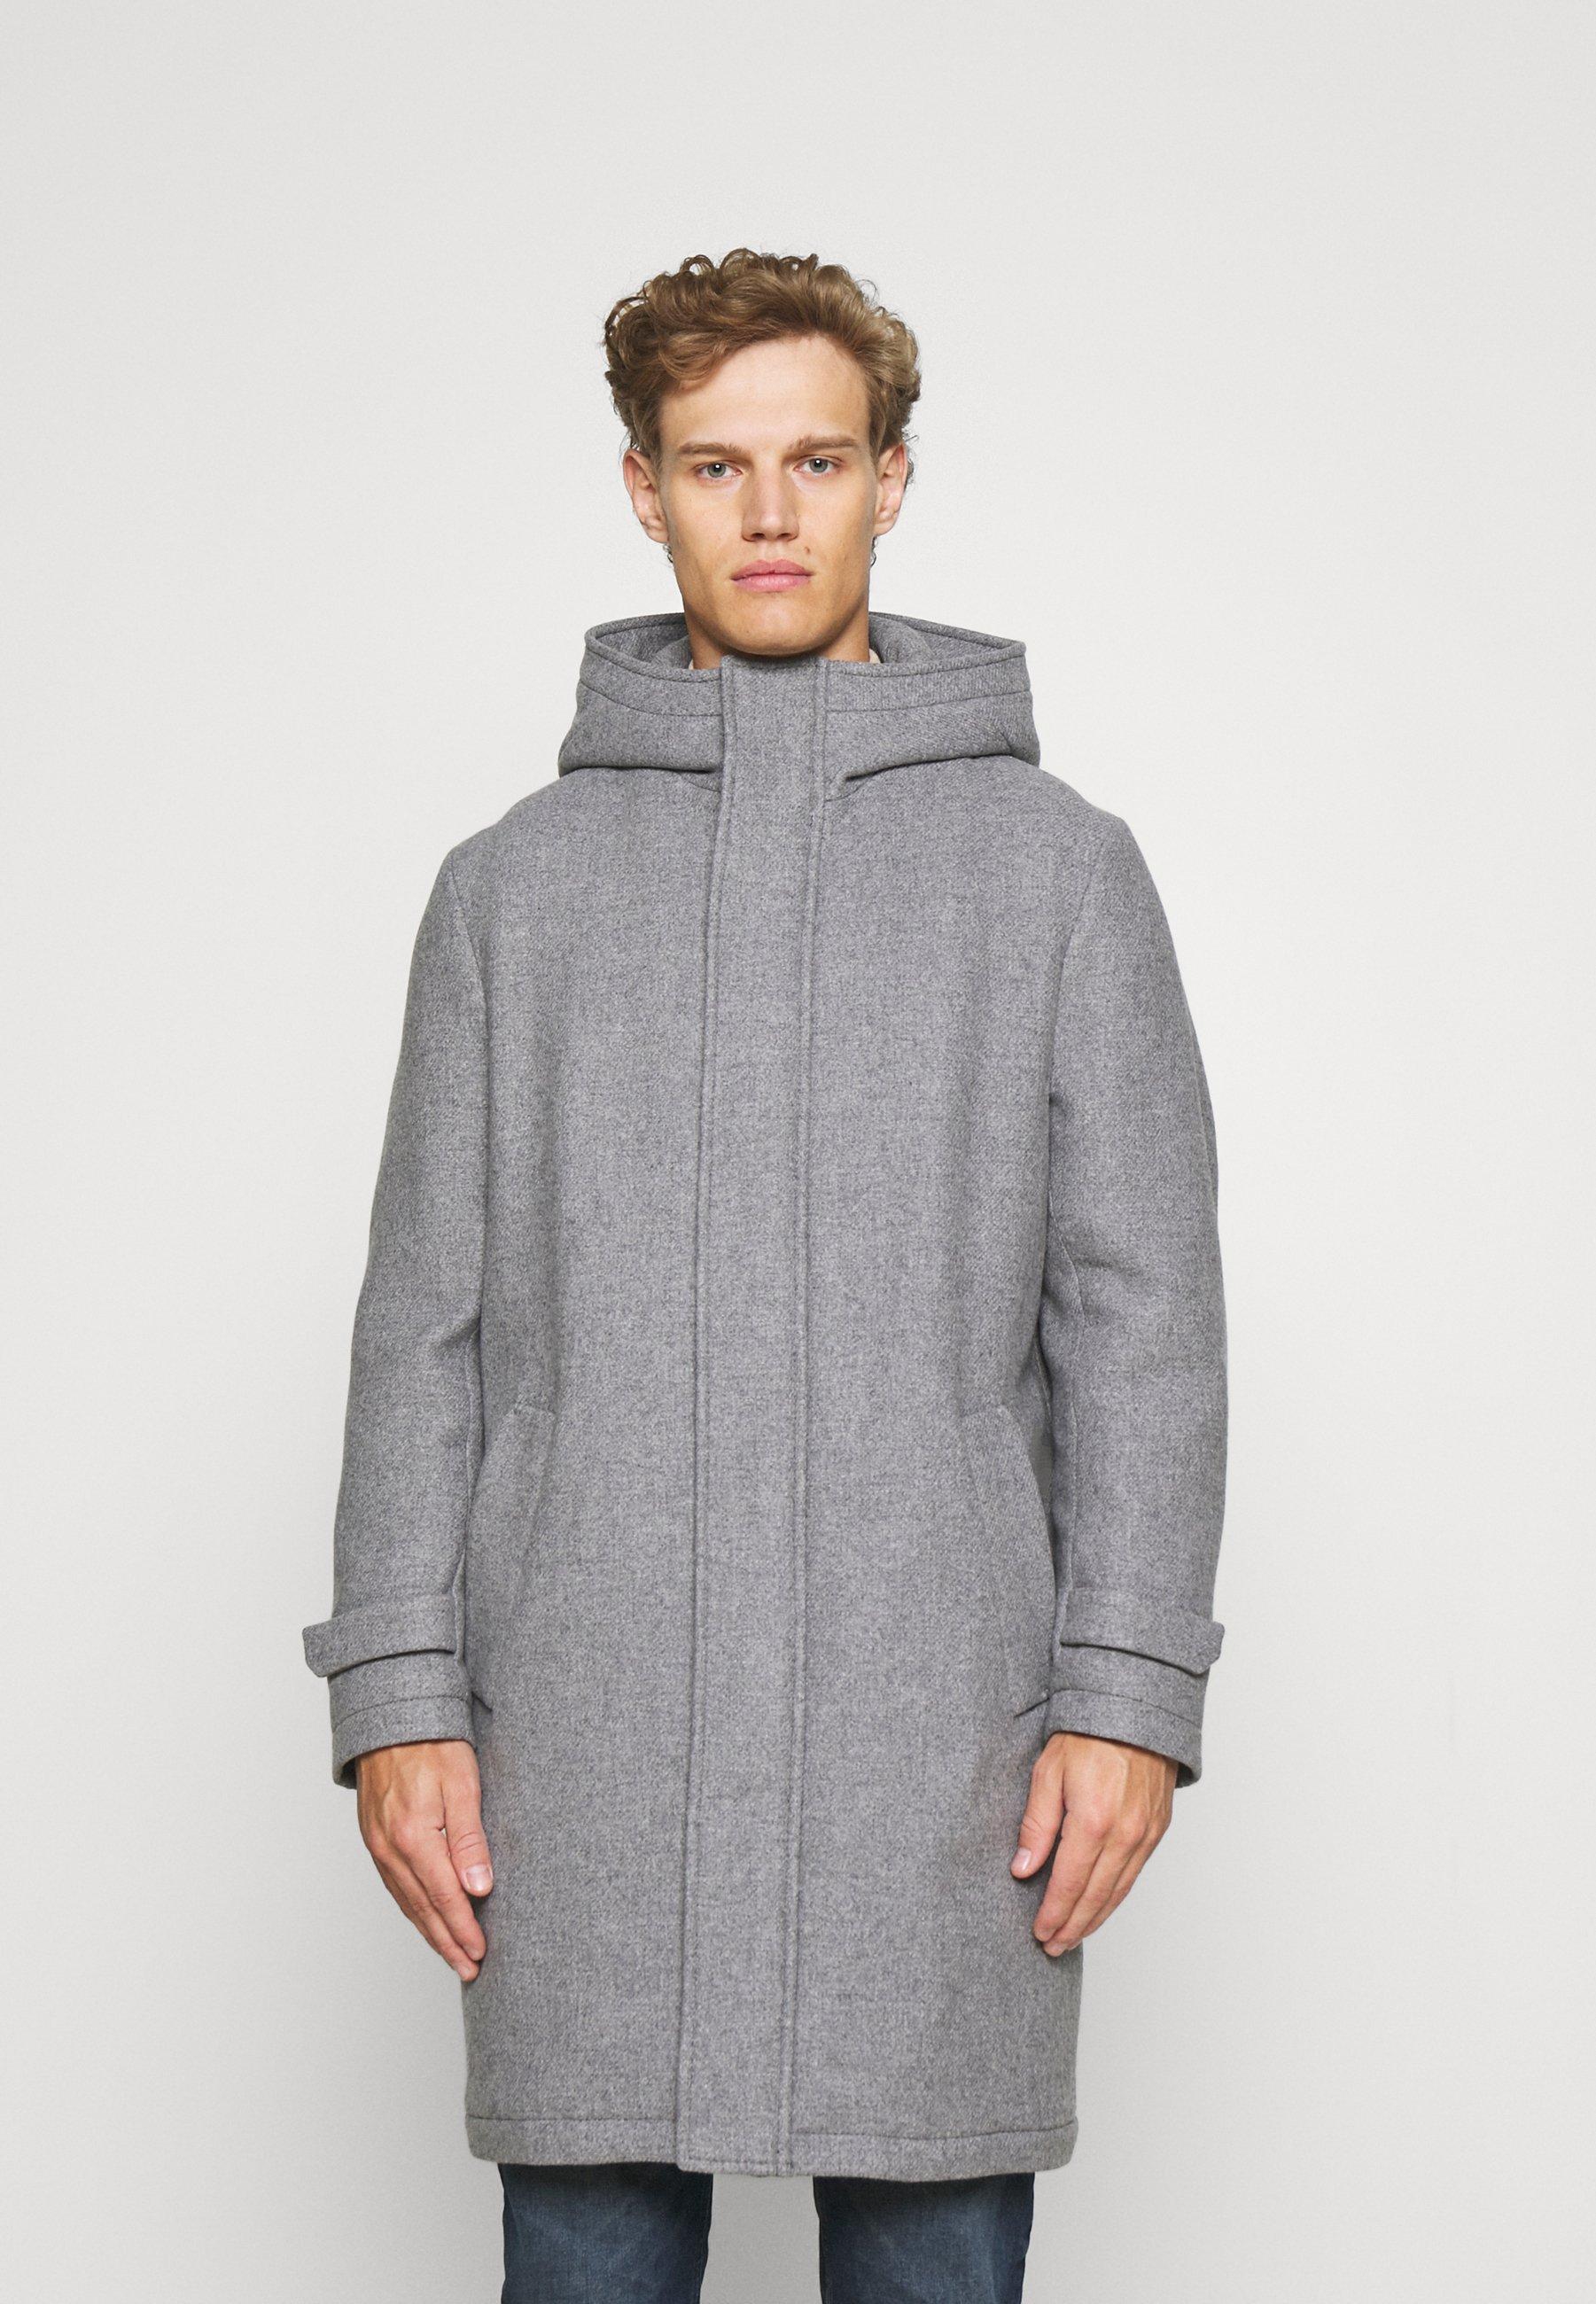 Homme SECSET - Manteau classique